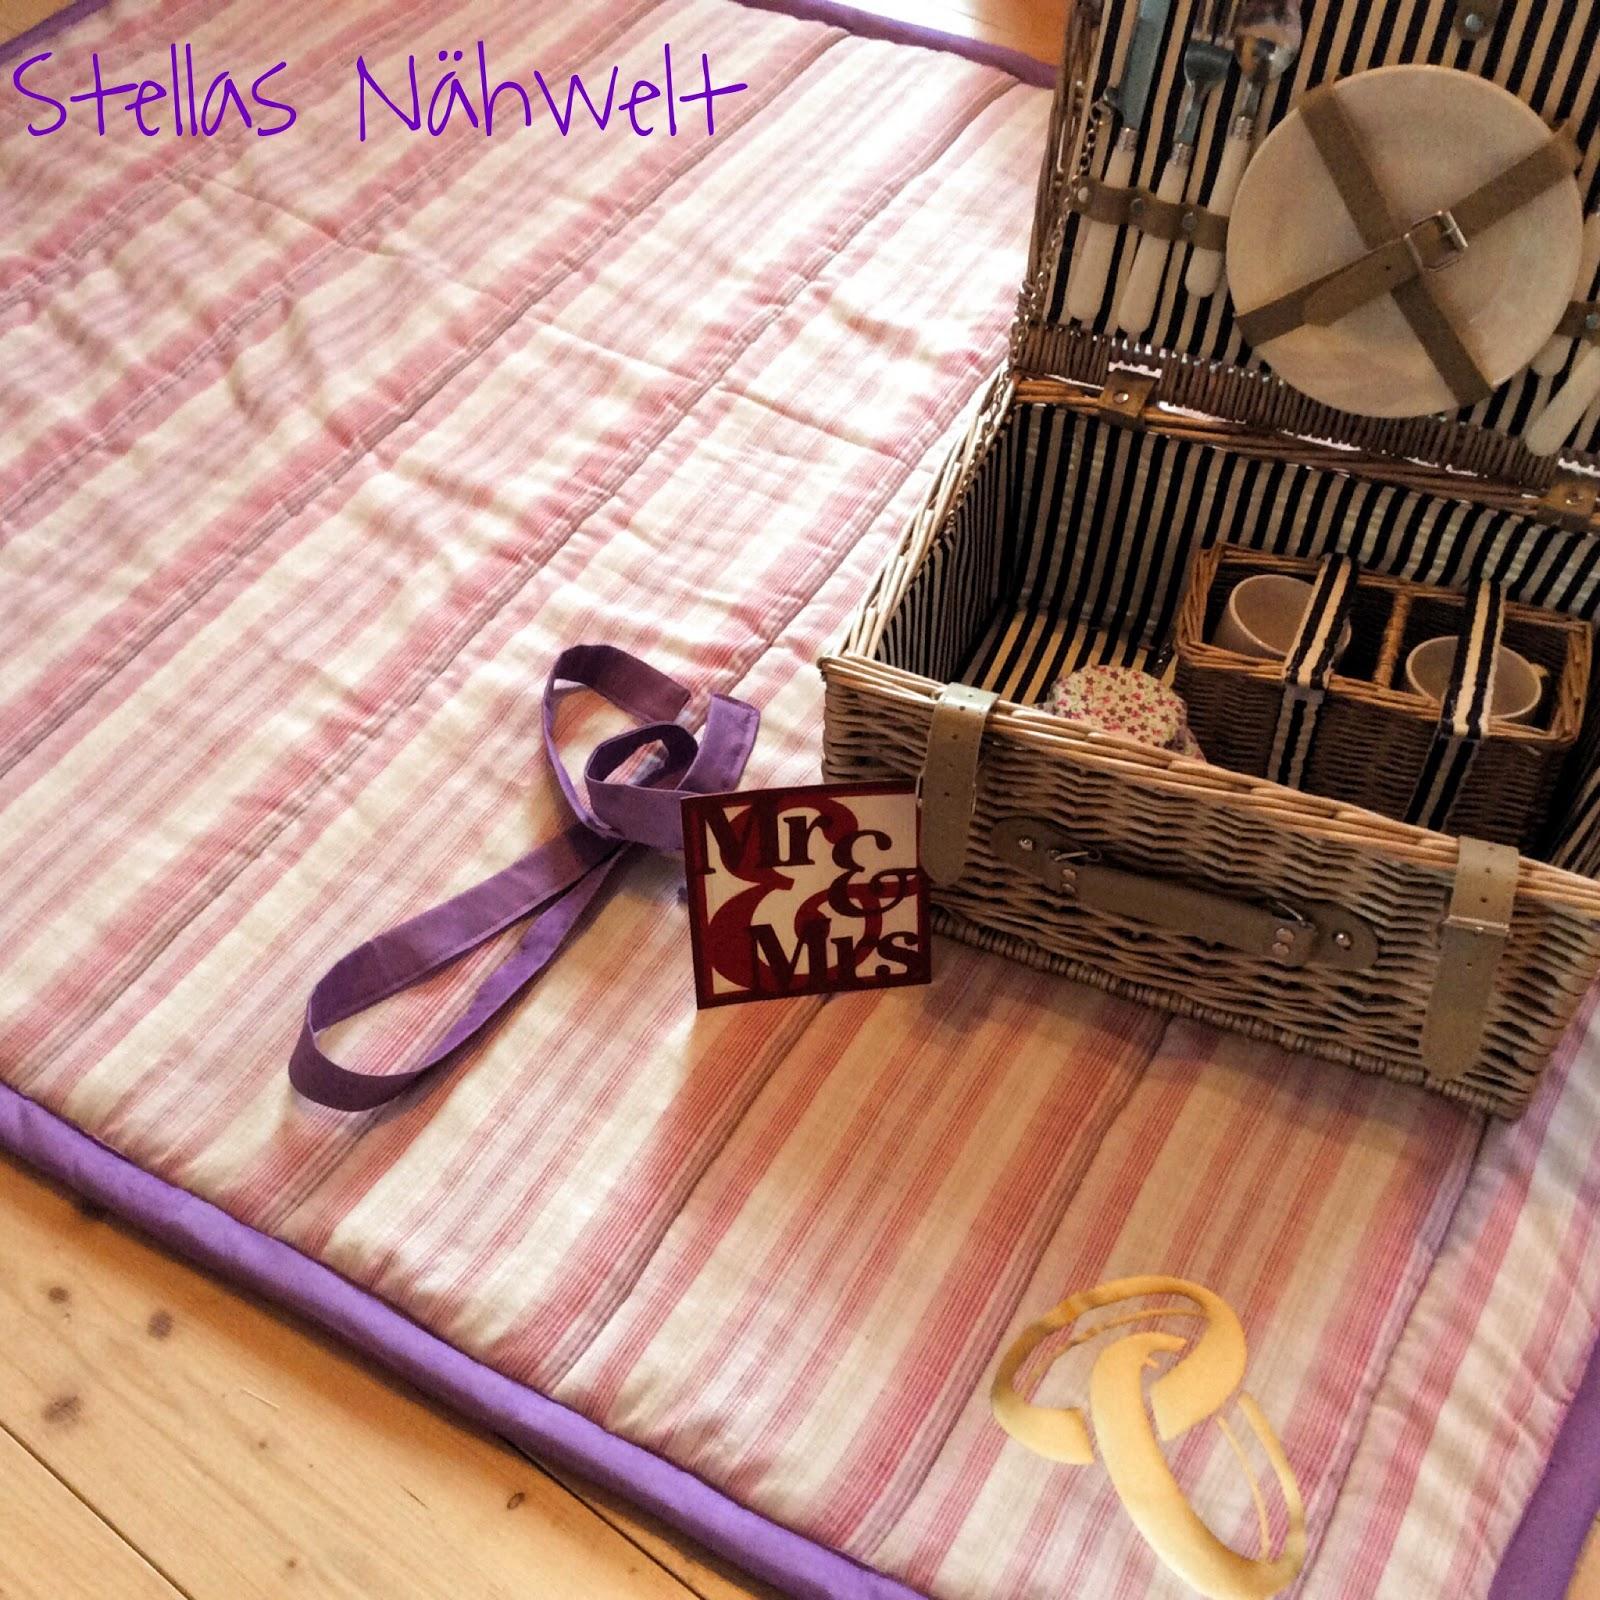 stellas n hwelt ein hochzeitsgeschenk f r eine freundin. Black Bedroom Furniture Sets. Home Design Ideas